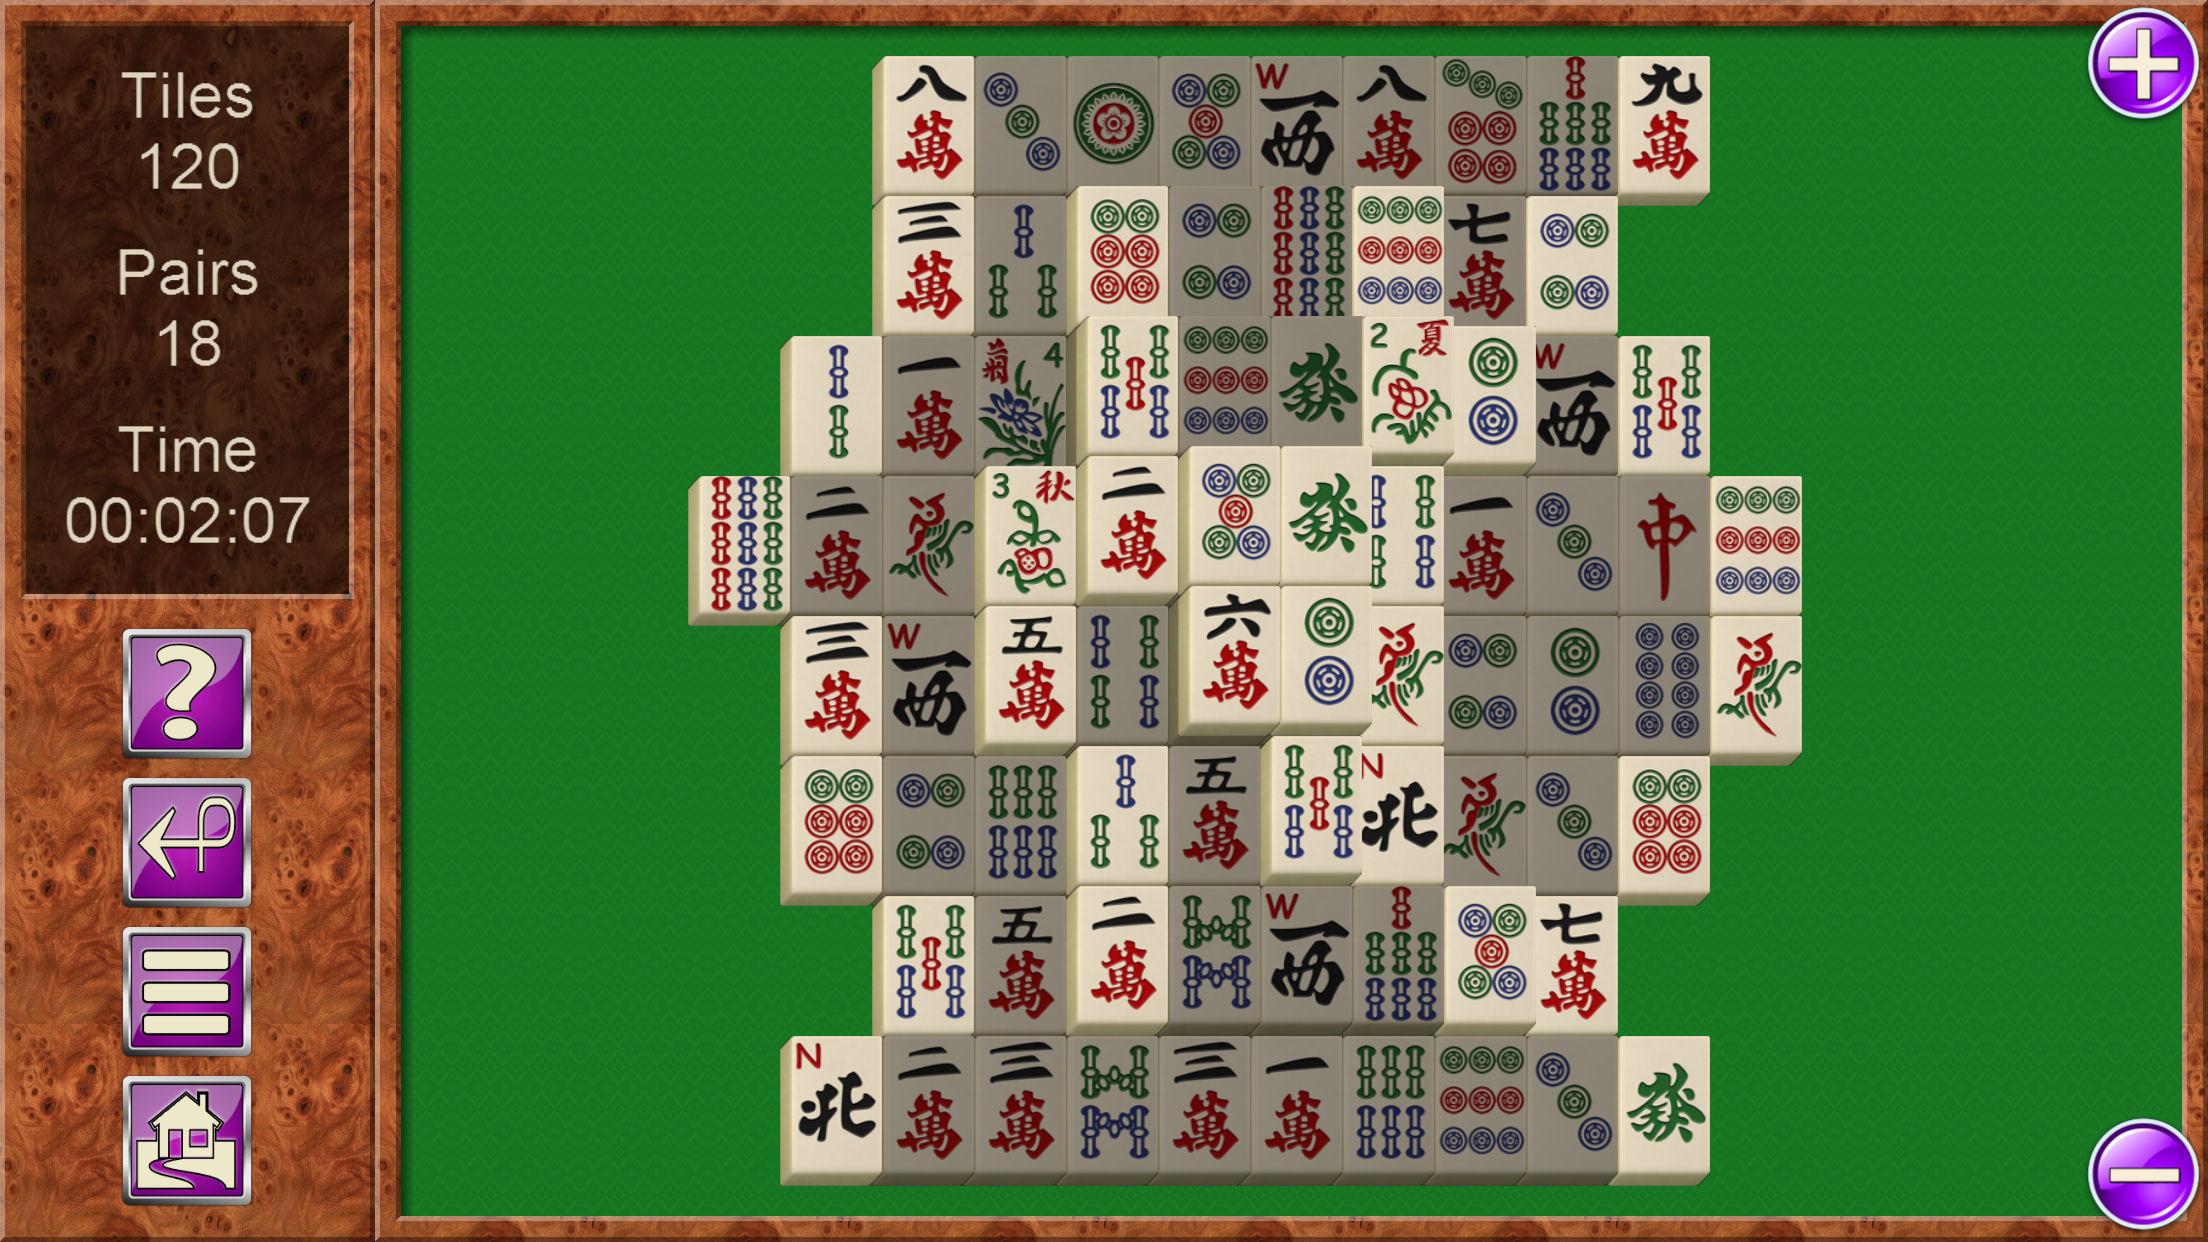 Mahjong_En_Brd1Pcs1_2208x1242